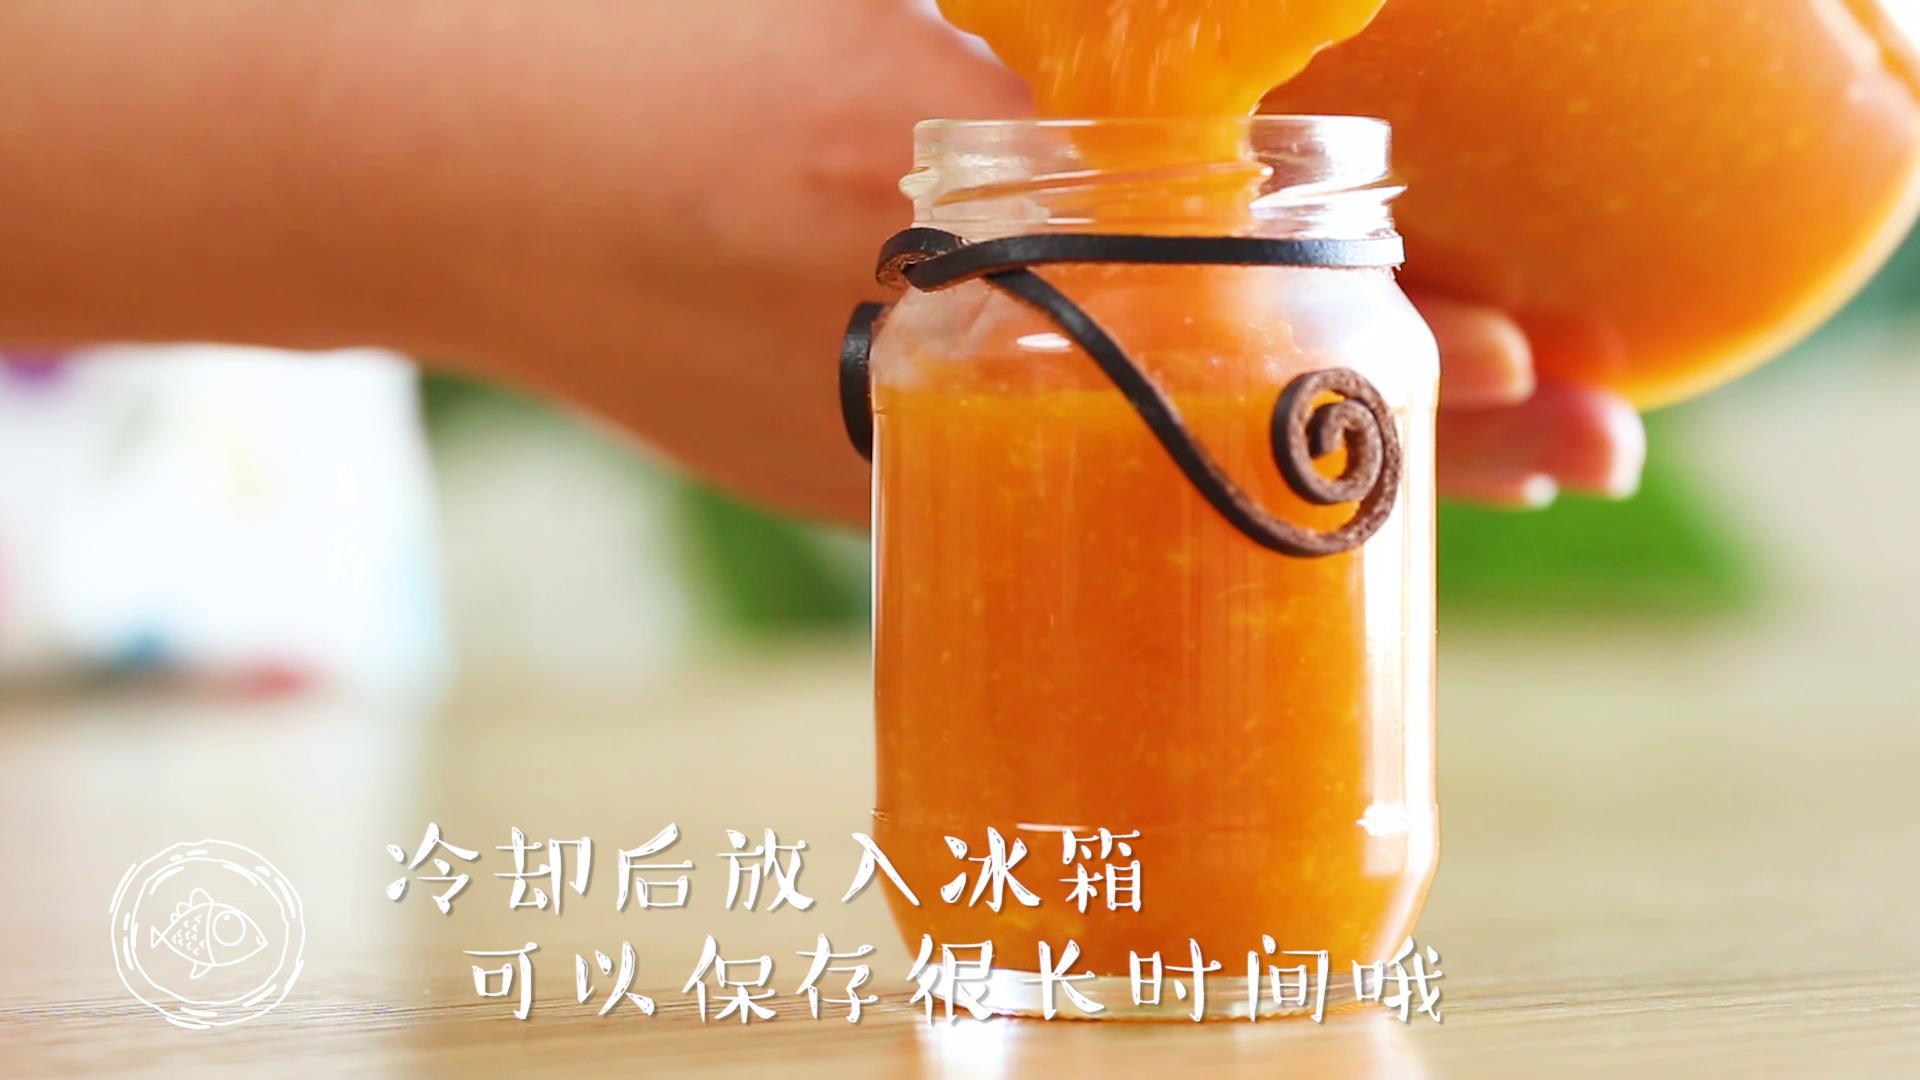 橘子果酱12m+(宝宝辅食),倒入玻璃罐中储存,容器要高温煮过,消毒晾干水分哈~</p> <p>Tips:冷却后放入冰箱,可以保存很长时间哦~